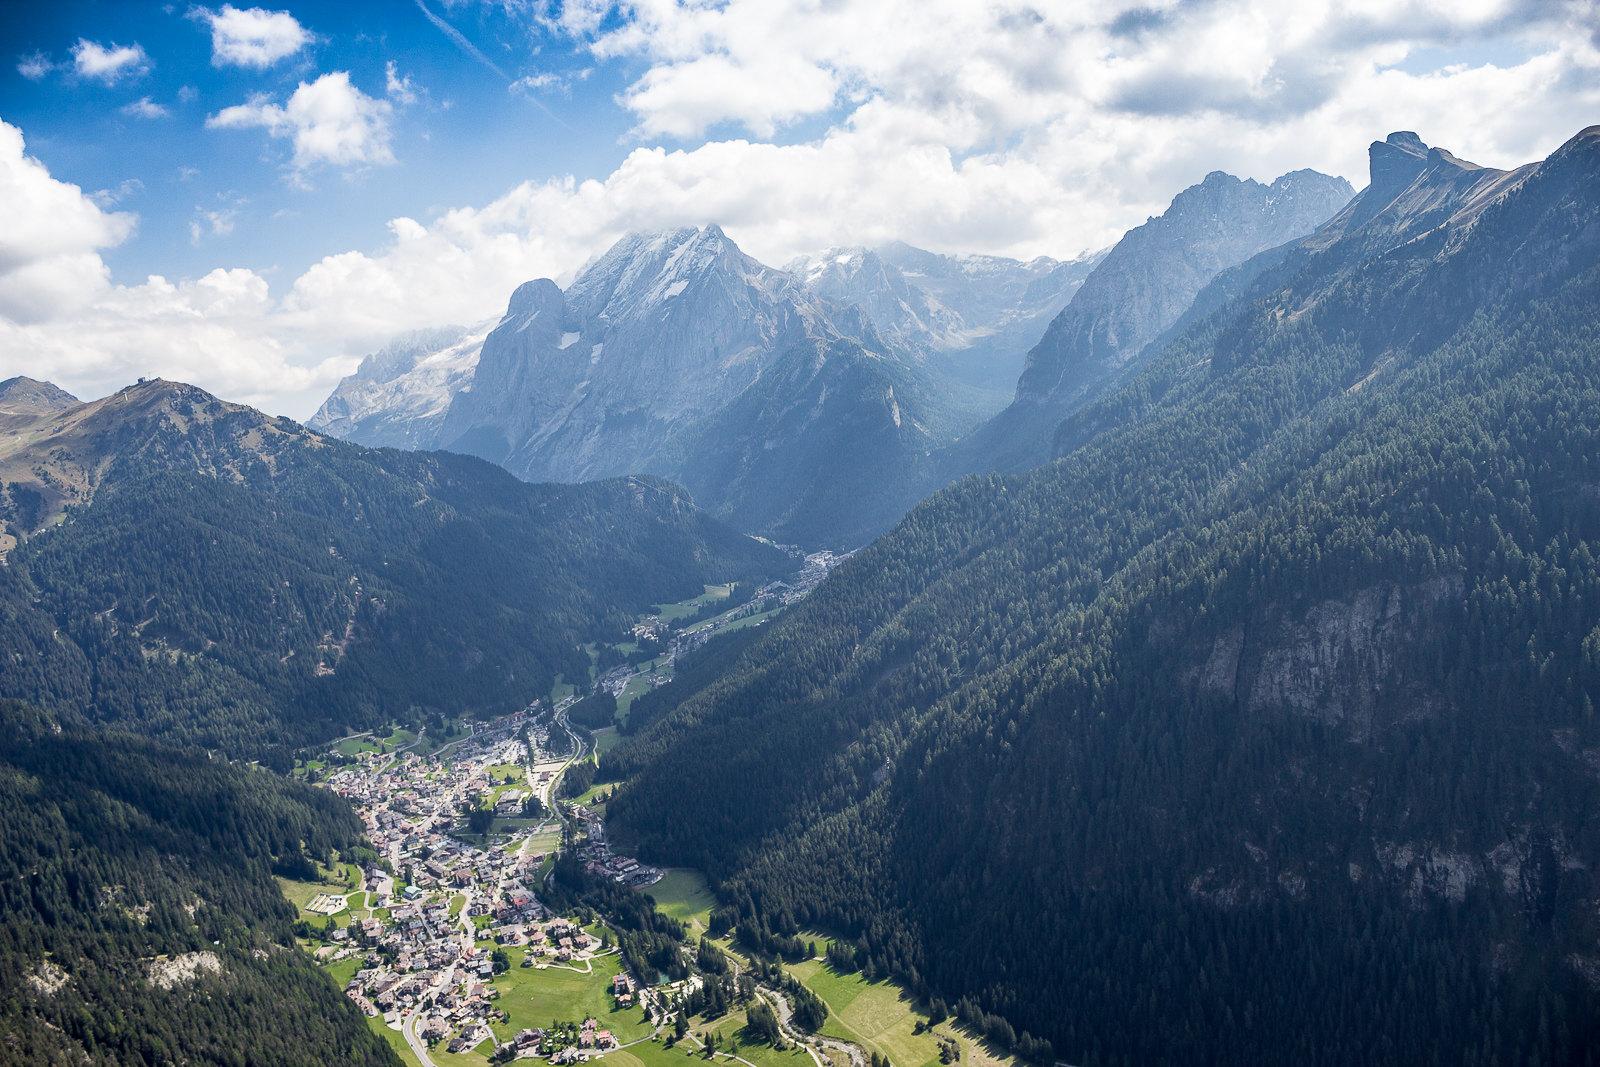 IKAgliders - Italien Südalpen/Dolomiten Tour 2015